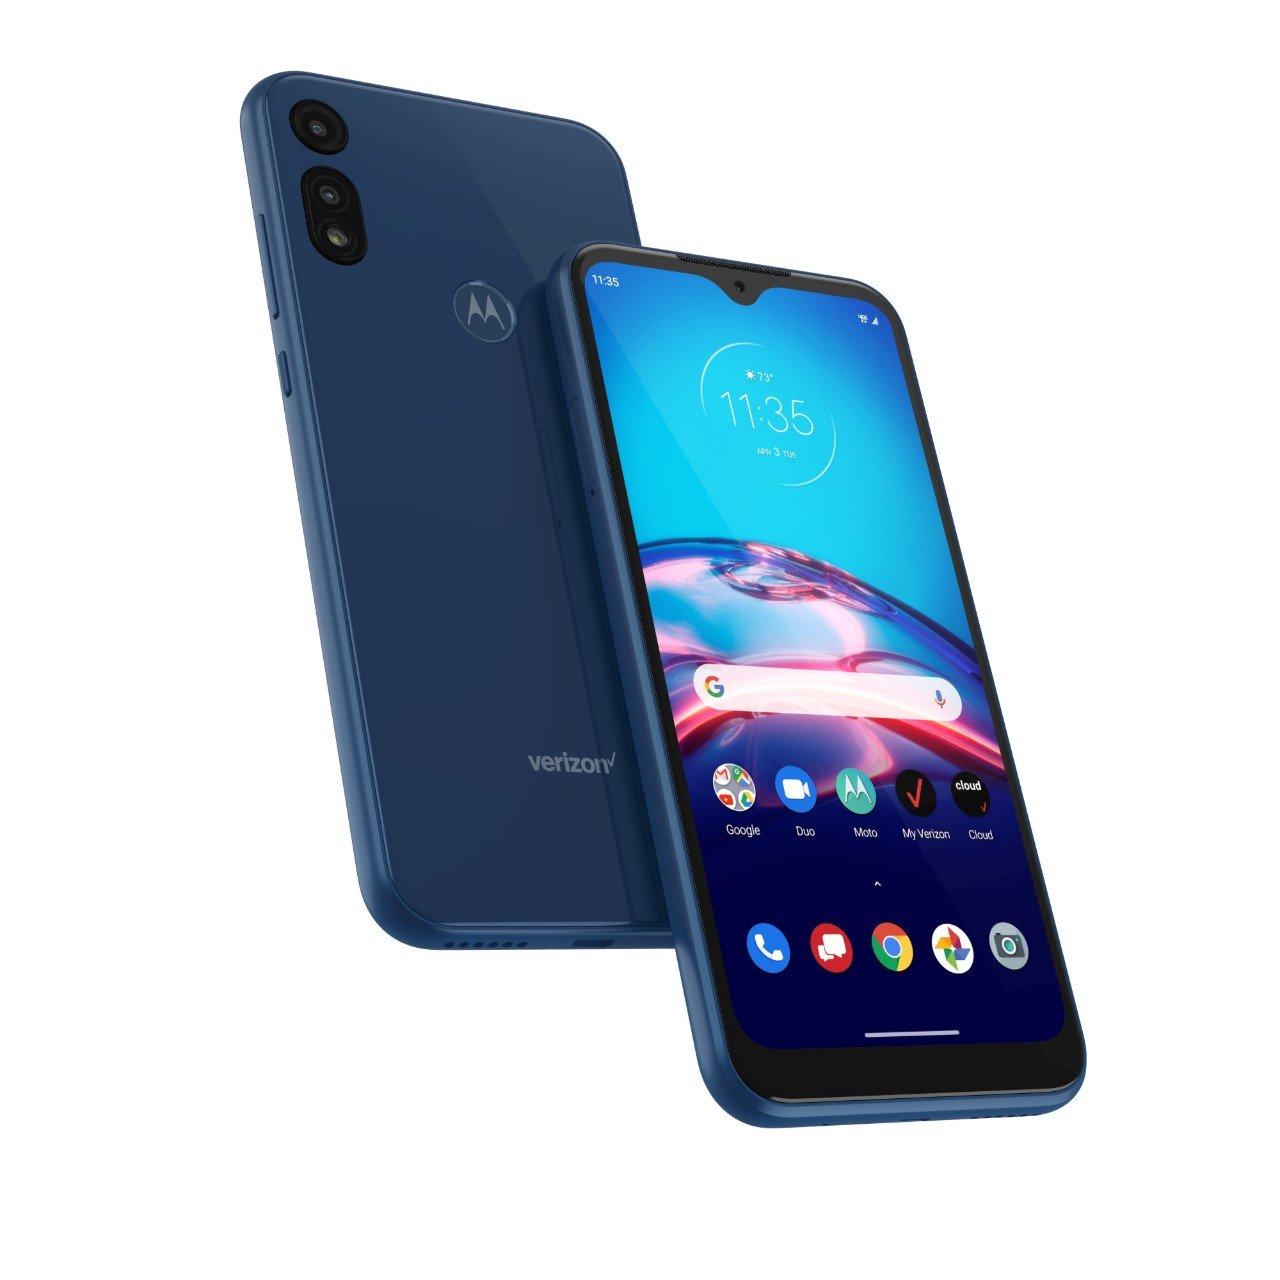 Motorola Phone Buyer's Guide (October 2020)